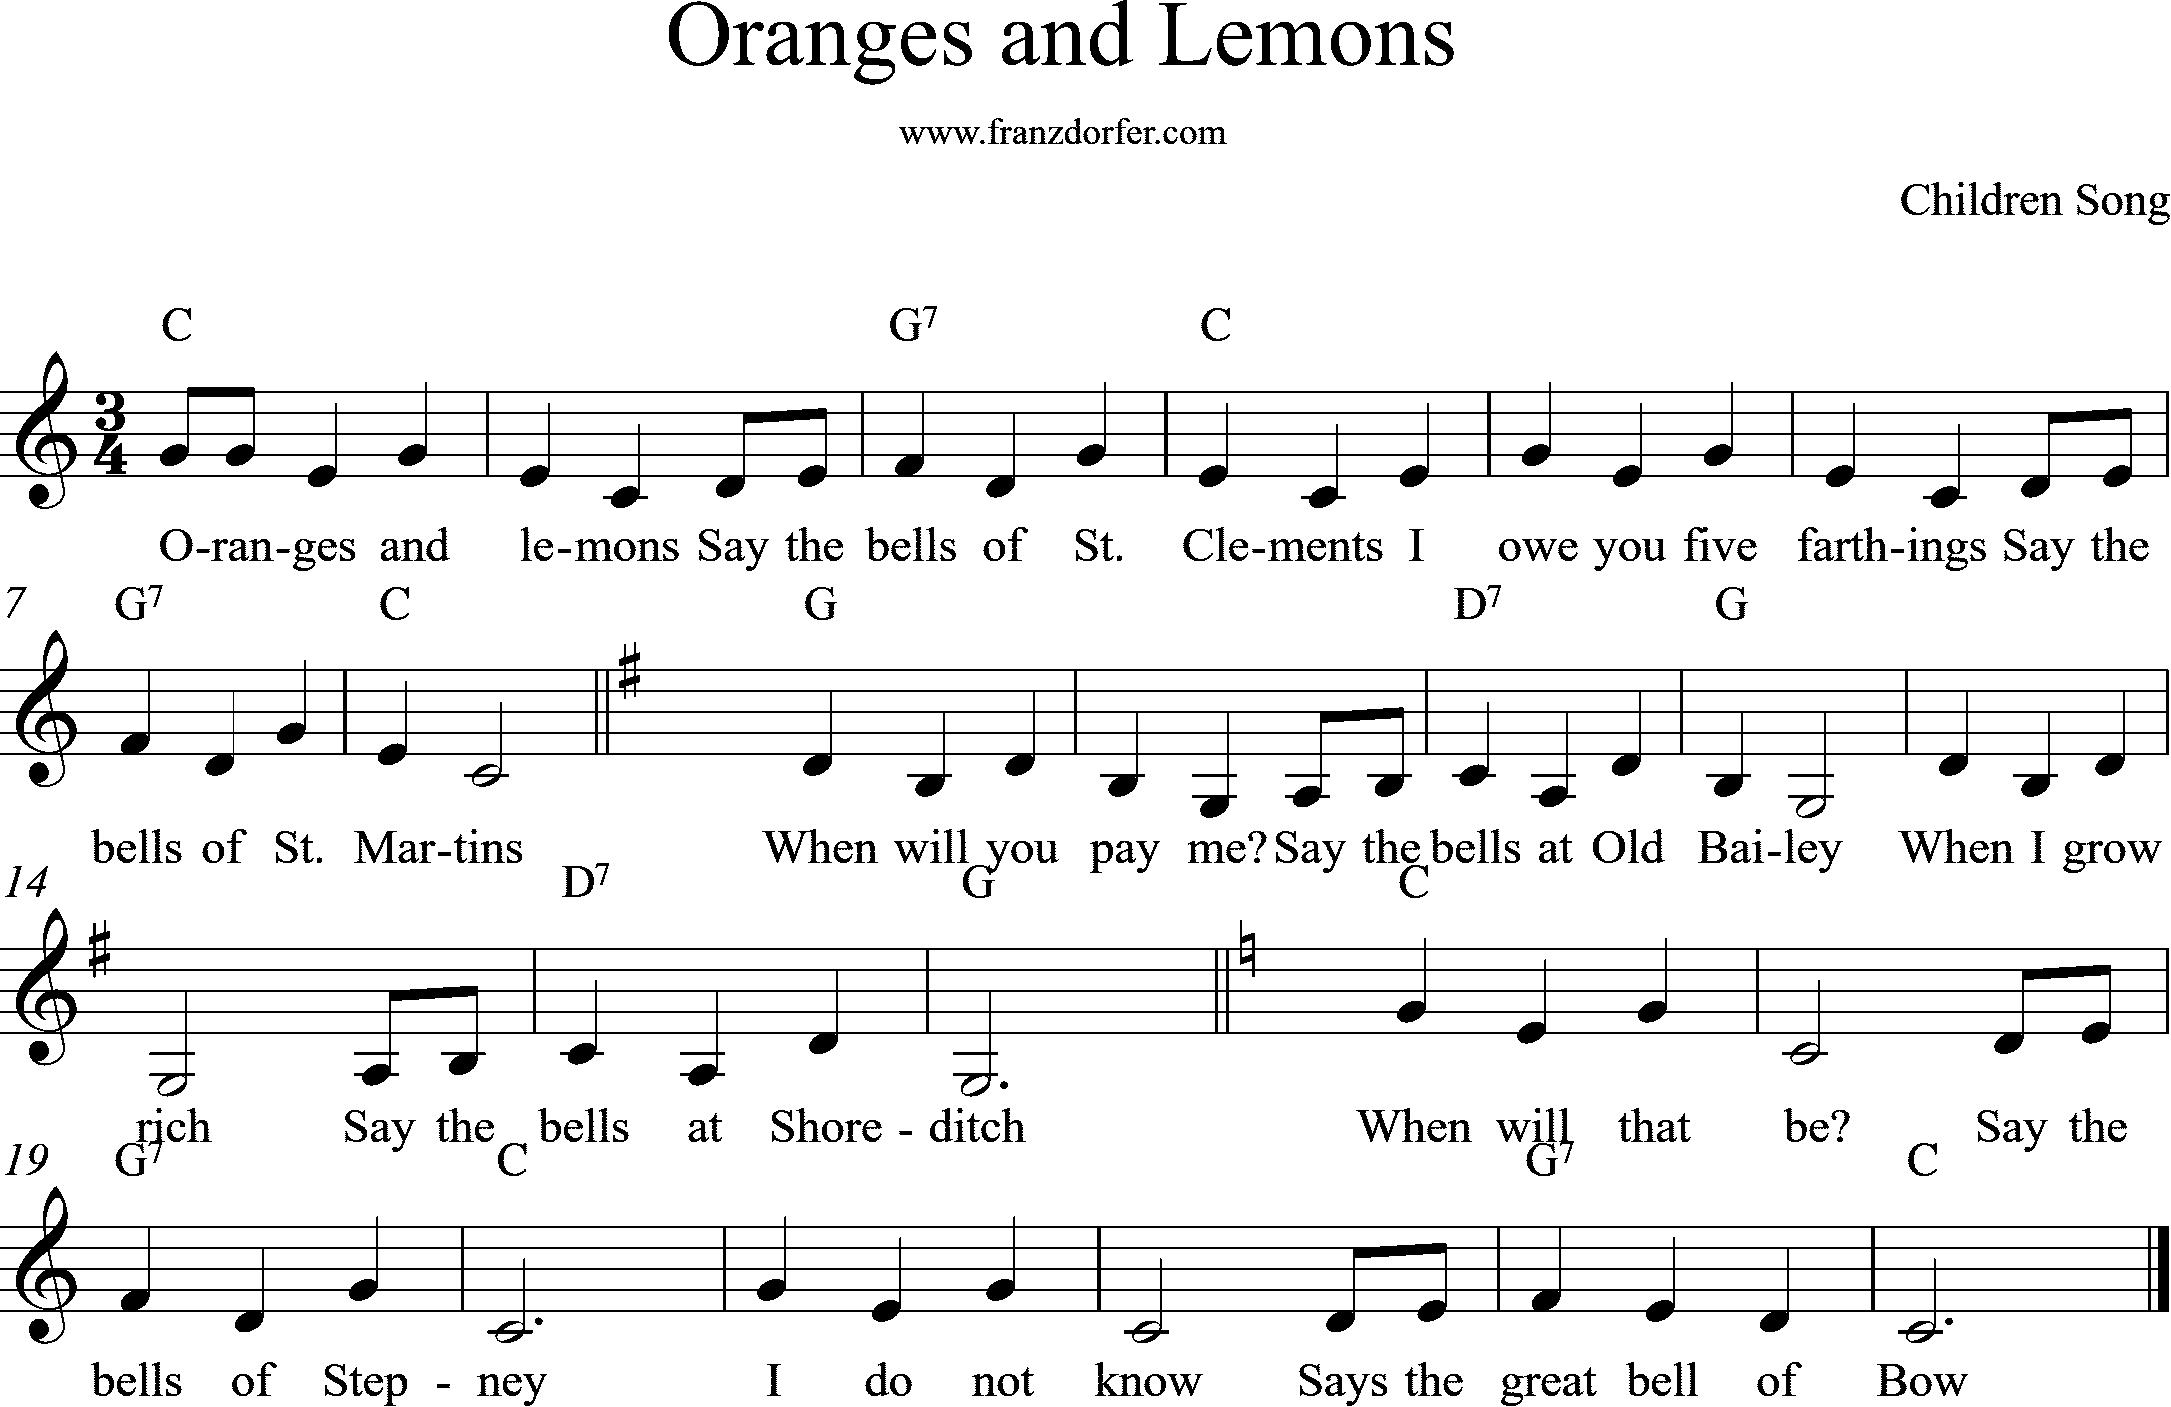 Clarinet Sheetmusic Oranges and Lemons